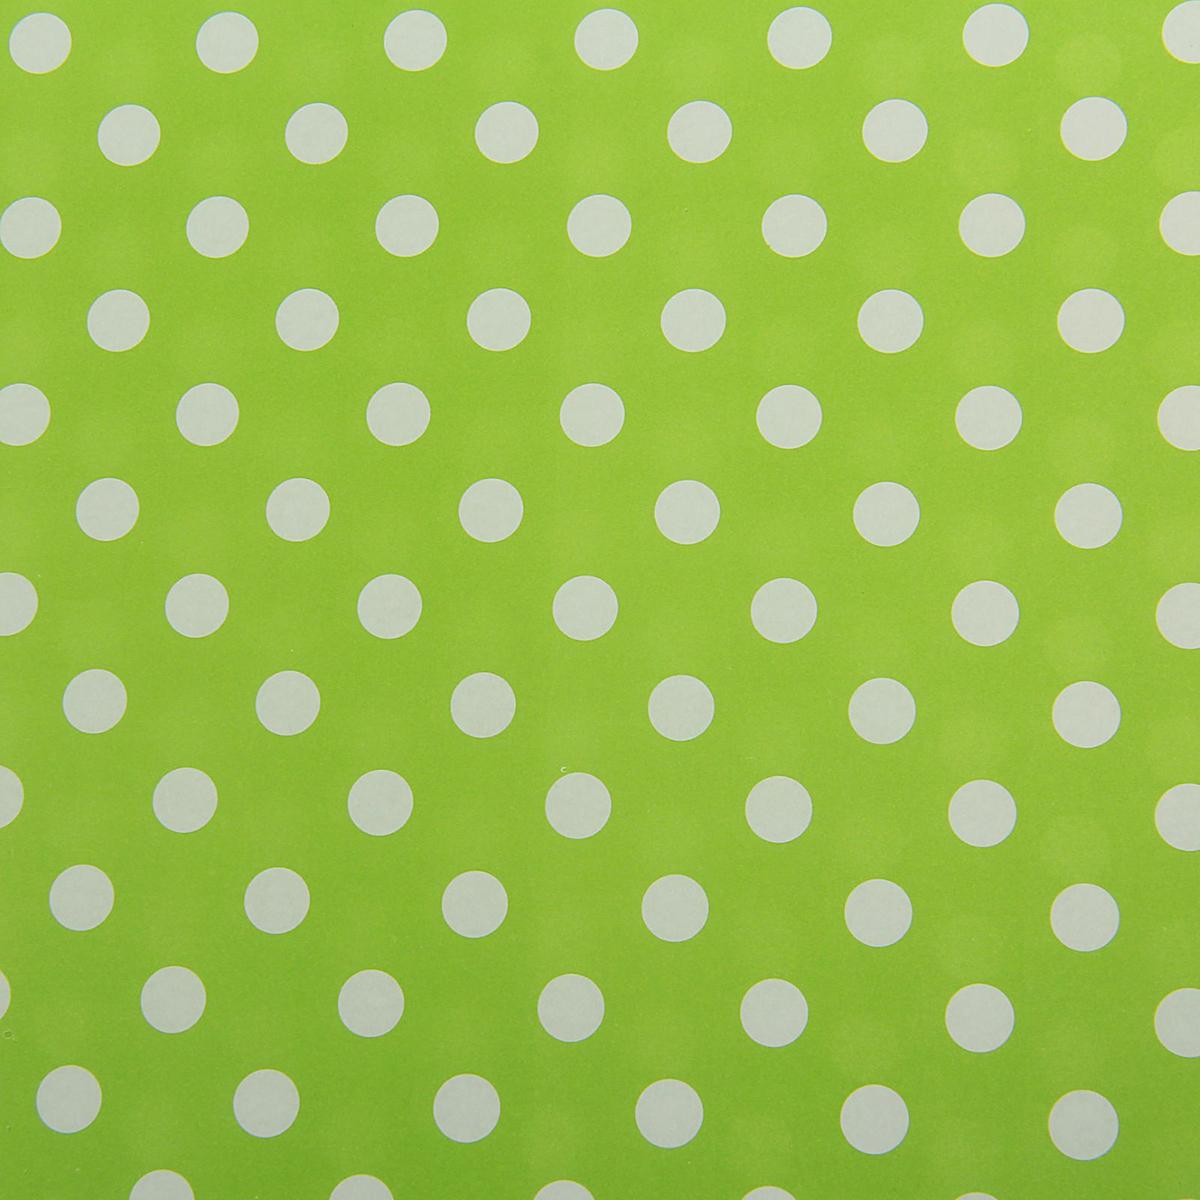 Бумага упаковочная Горох на зеленом, 50 х 70 см. 18820441882044Любой подарок начинается с упаковки. Что может быть трогательнее и волшебнее, чем ритуалразворачивания полученного презента. И именно оригинальная, со вкусом выбранная упаковкавыделит ваш подарок из массы других. Она продемонстрирует самые тёплые чувства к виновникуторжества и создаст сказочную атмосферу праздника. Бумага упаковочная Горох на зеленом — это то, что вы искали.